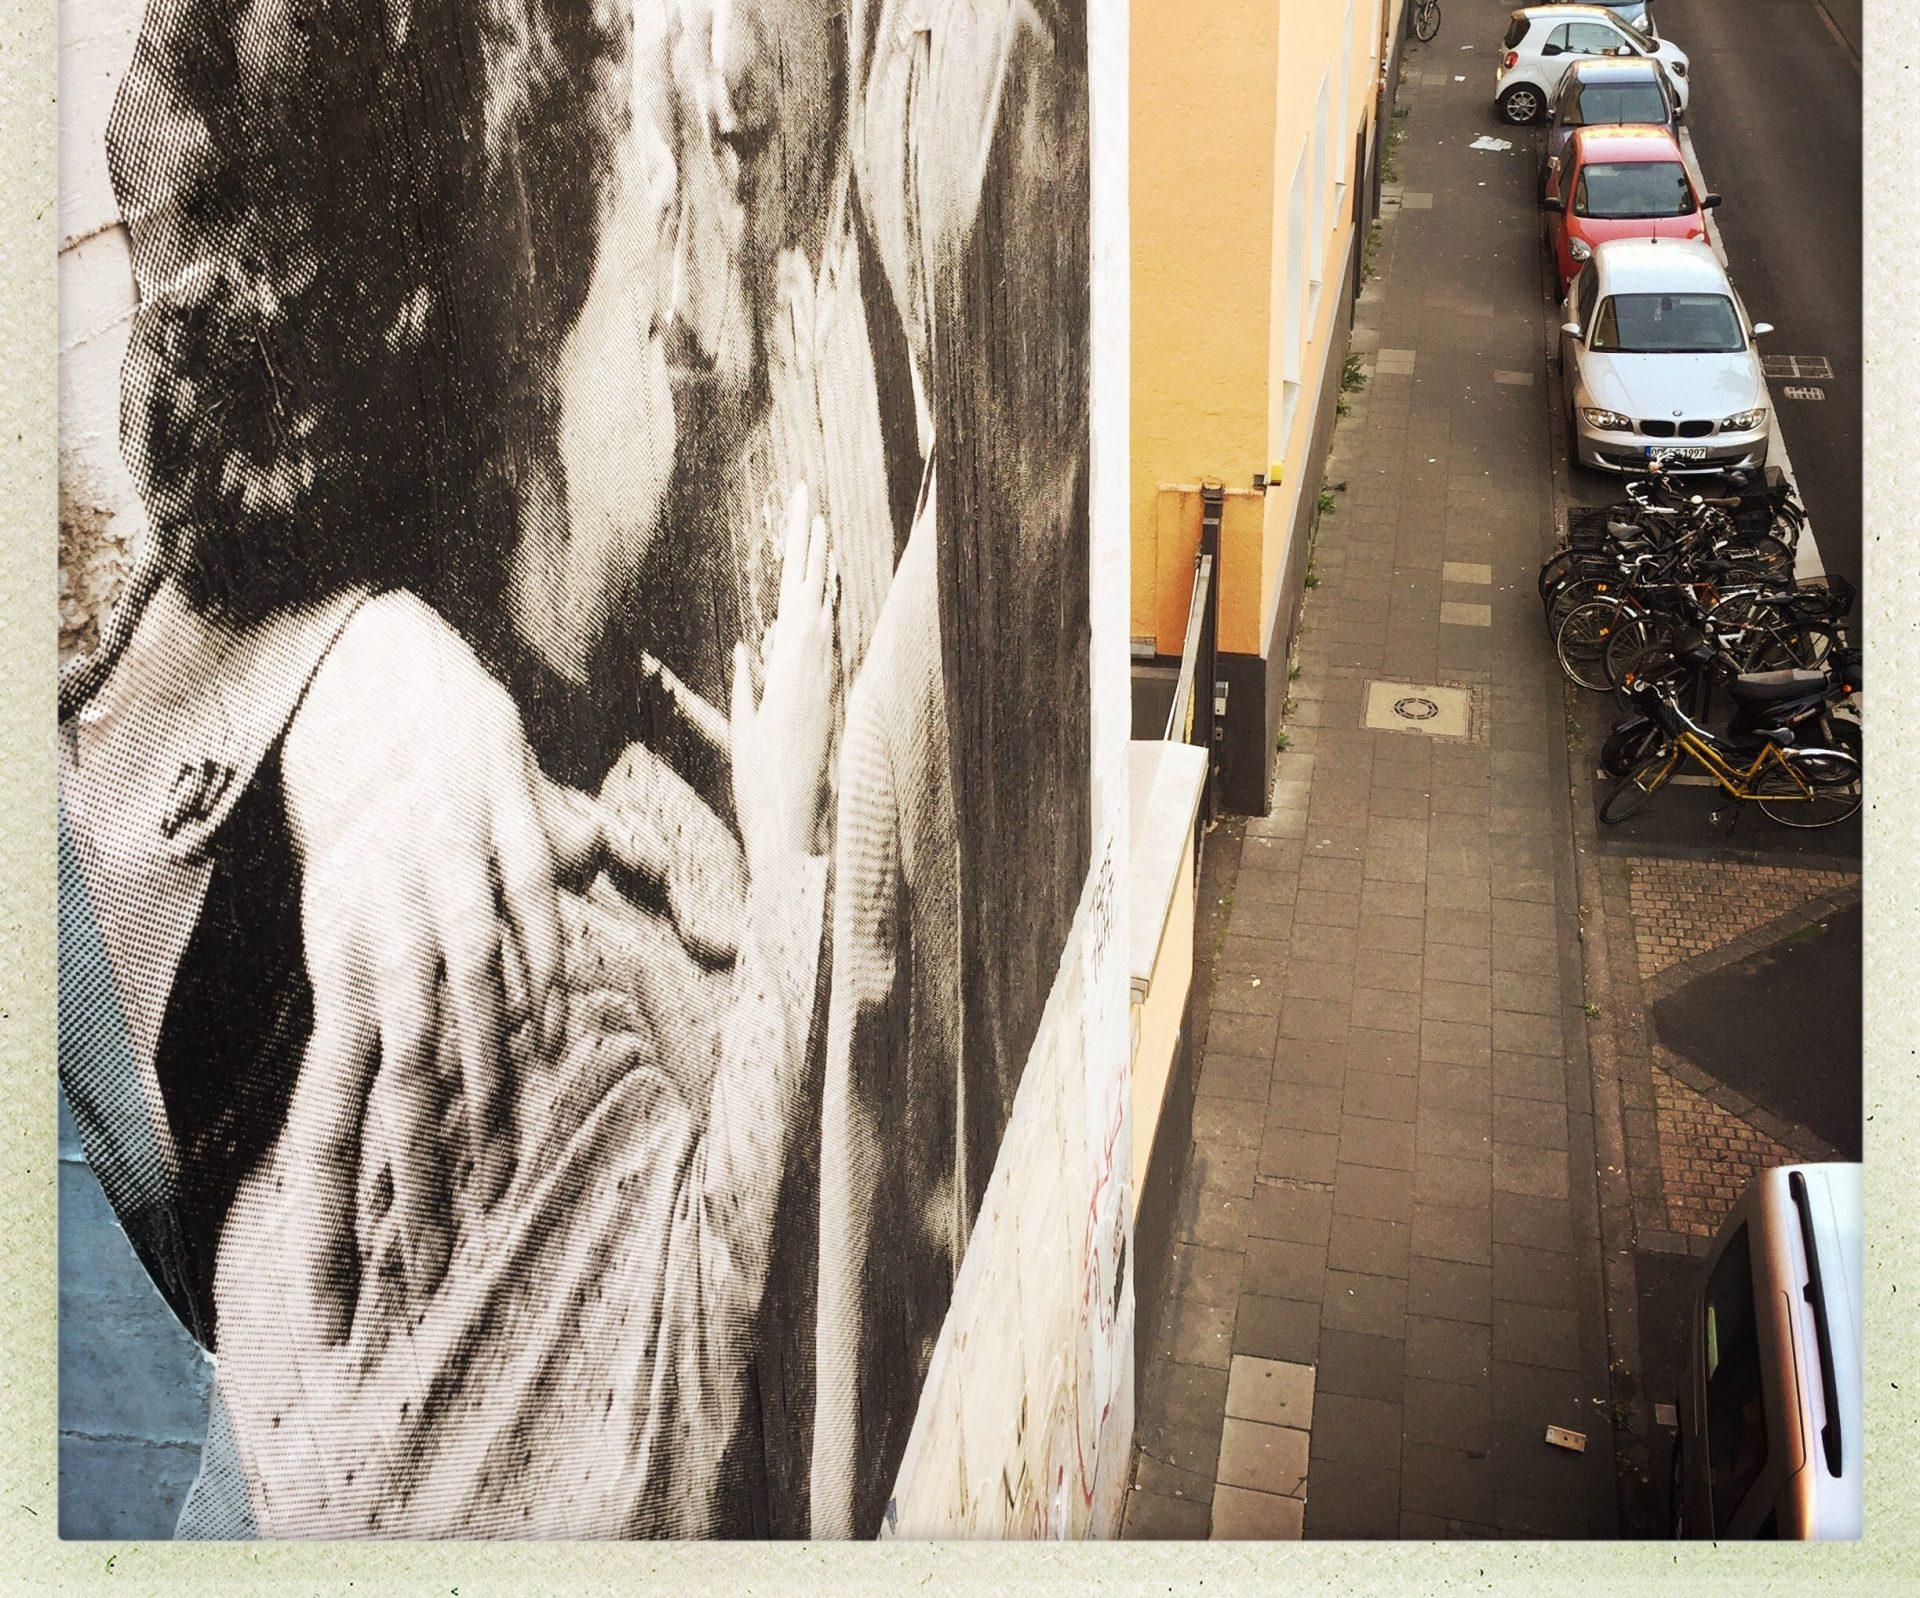 Mit Fotografie die Stadt verändern